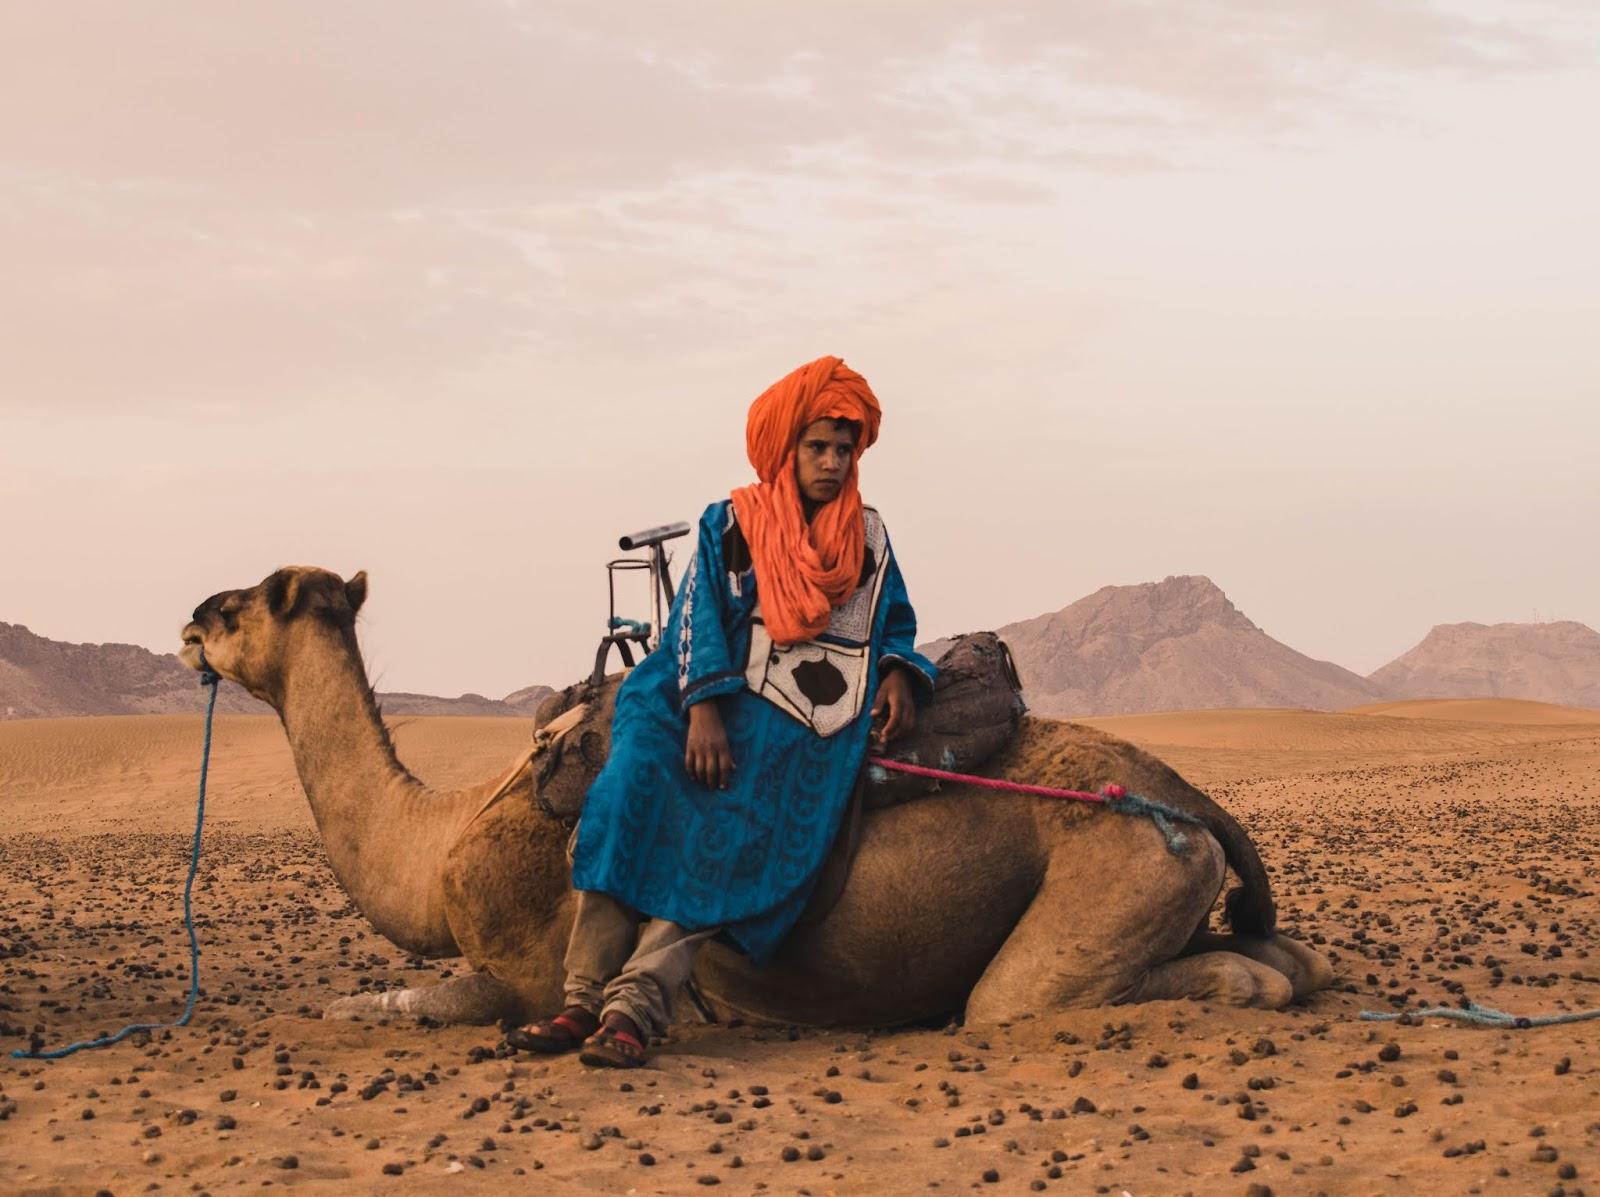 Berber in Sahara Desert Camel